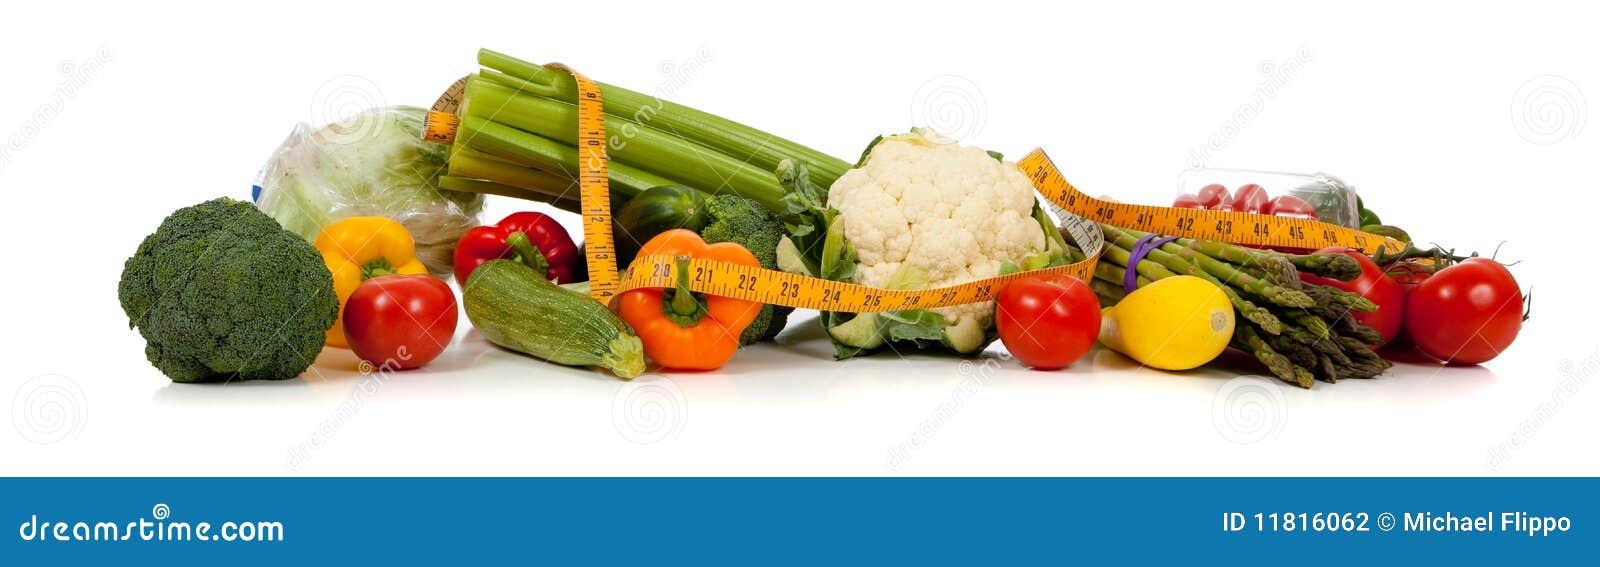 Eine Reihe des Gemüses und ein Bandmaß auf Weiß